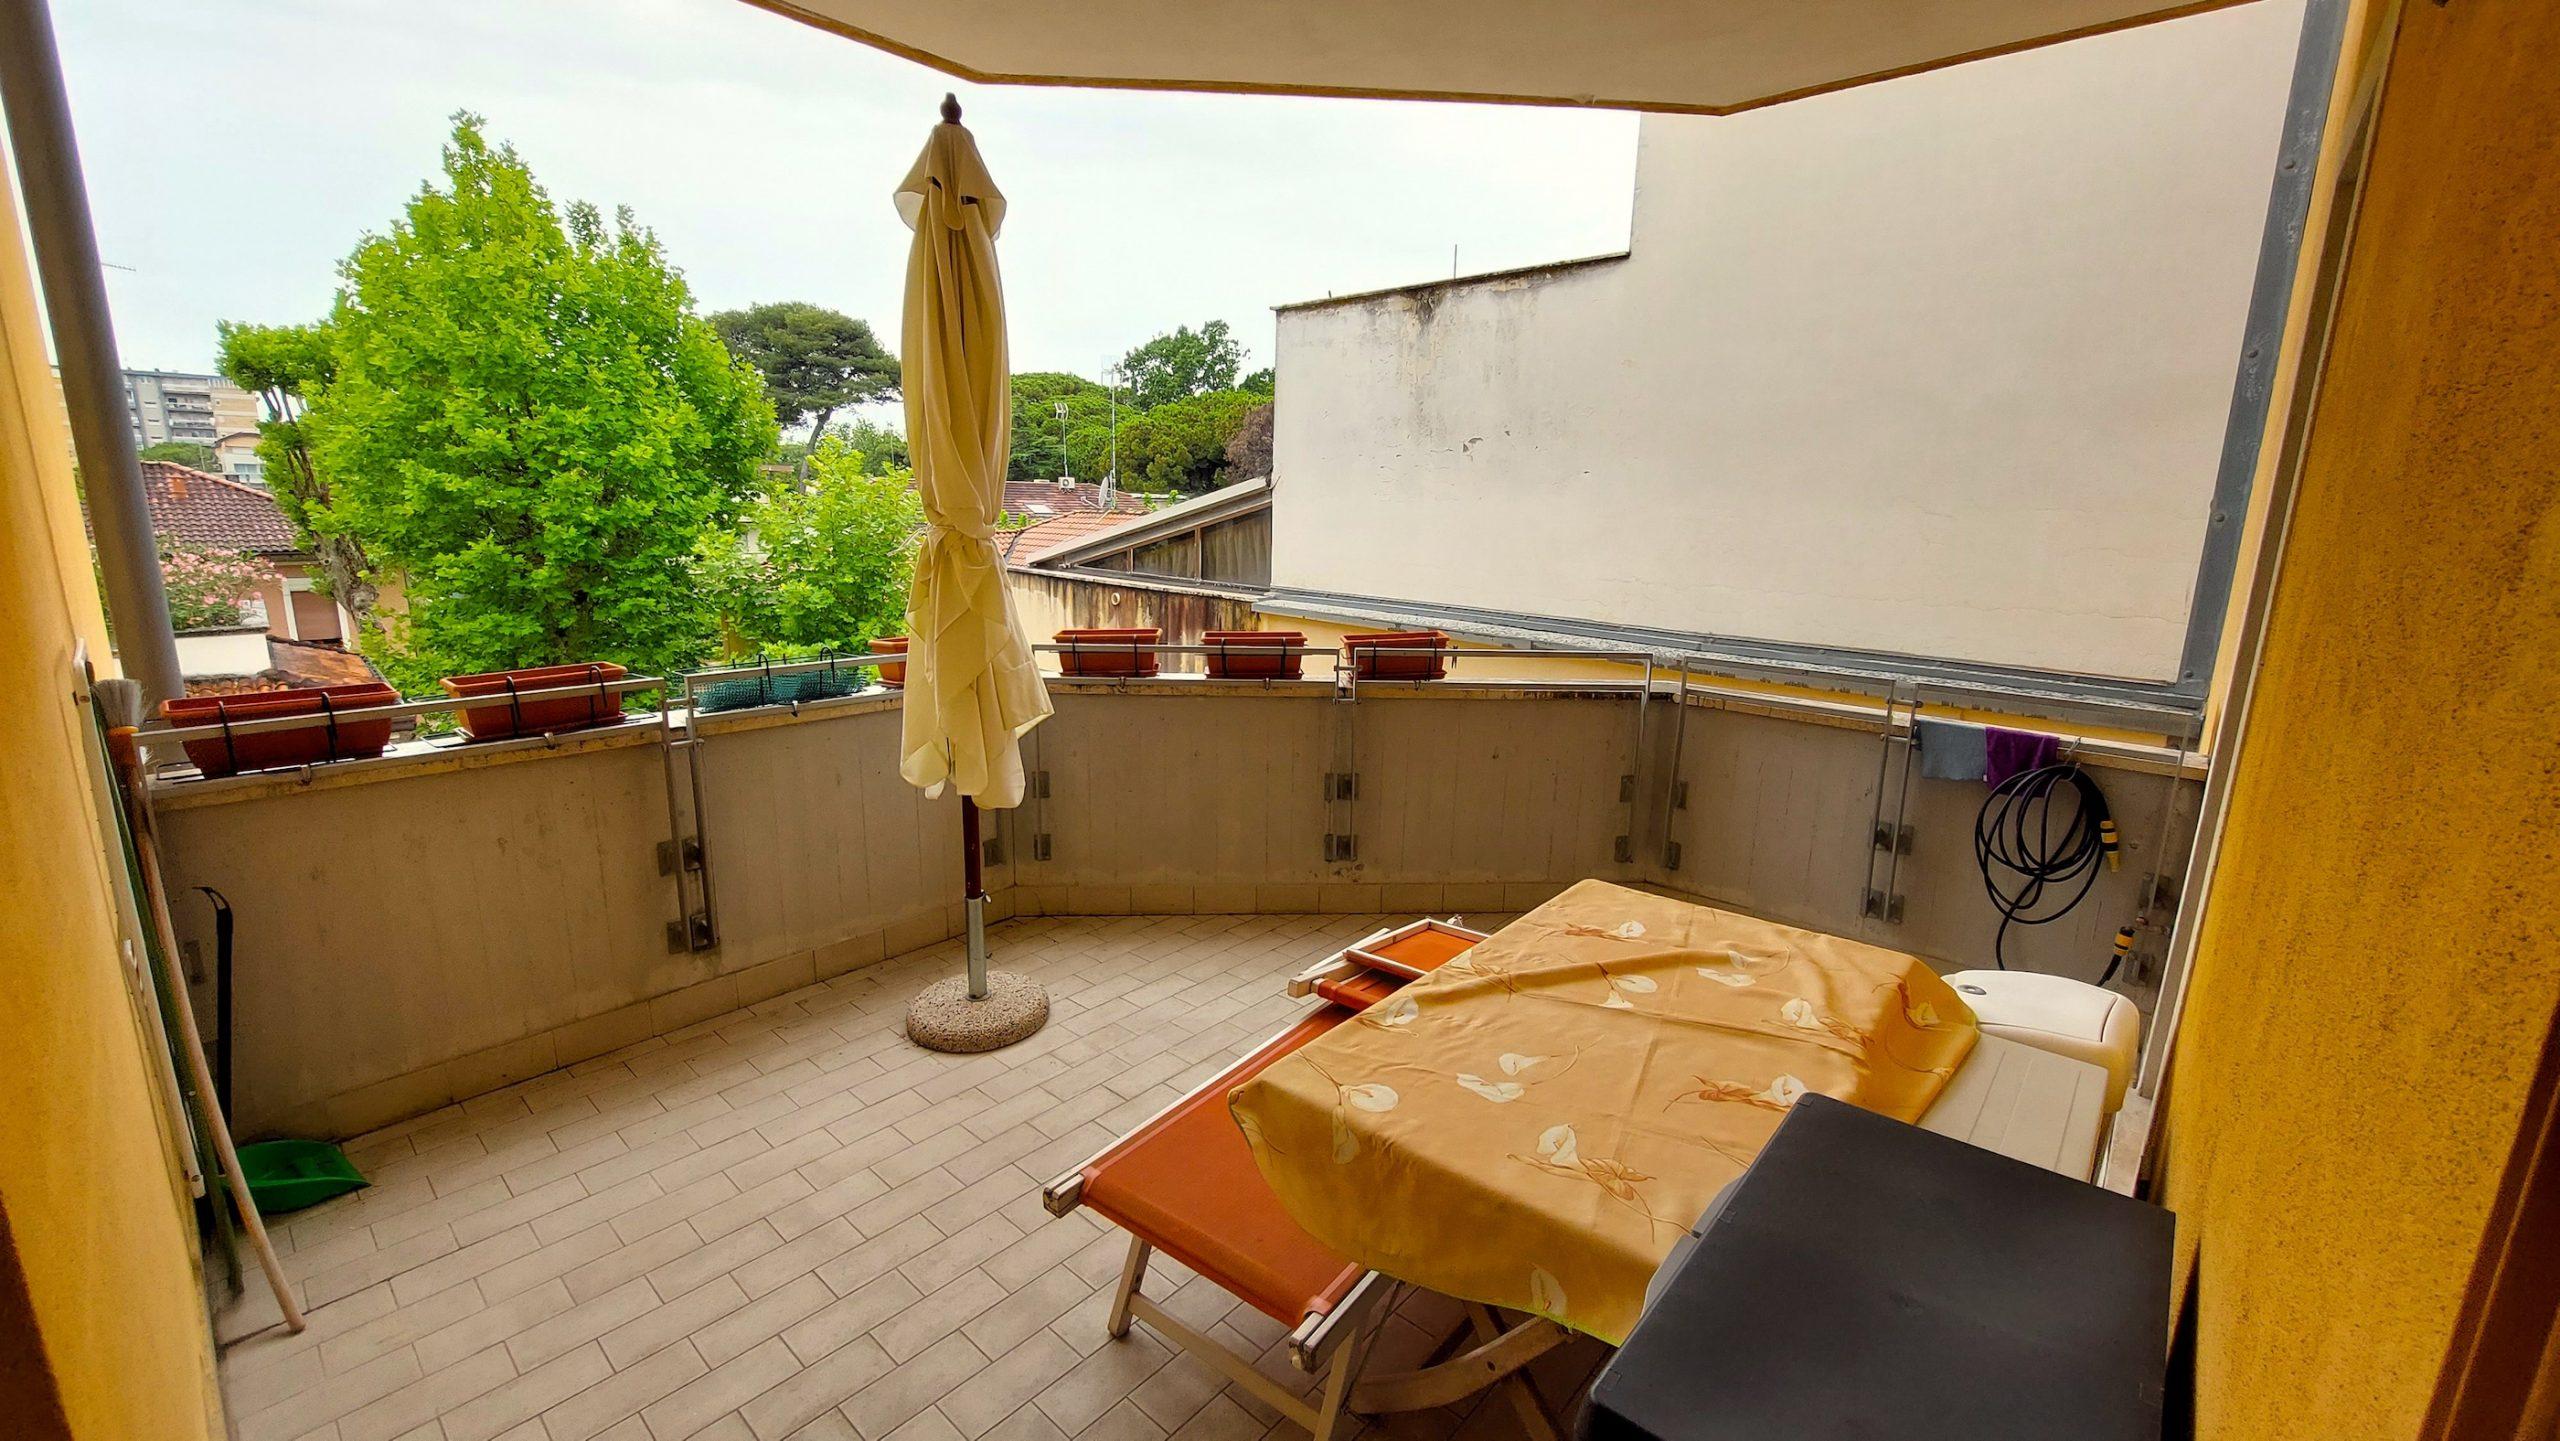 RICCIONE CENTRO-ABISSINIA, 2 locali con terrazzo e box in vendita